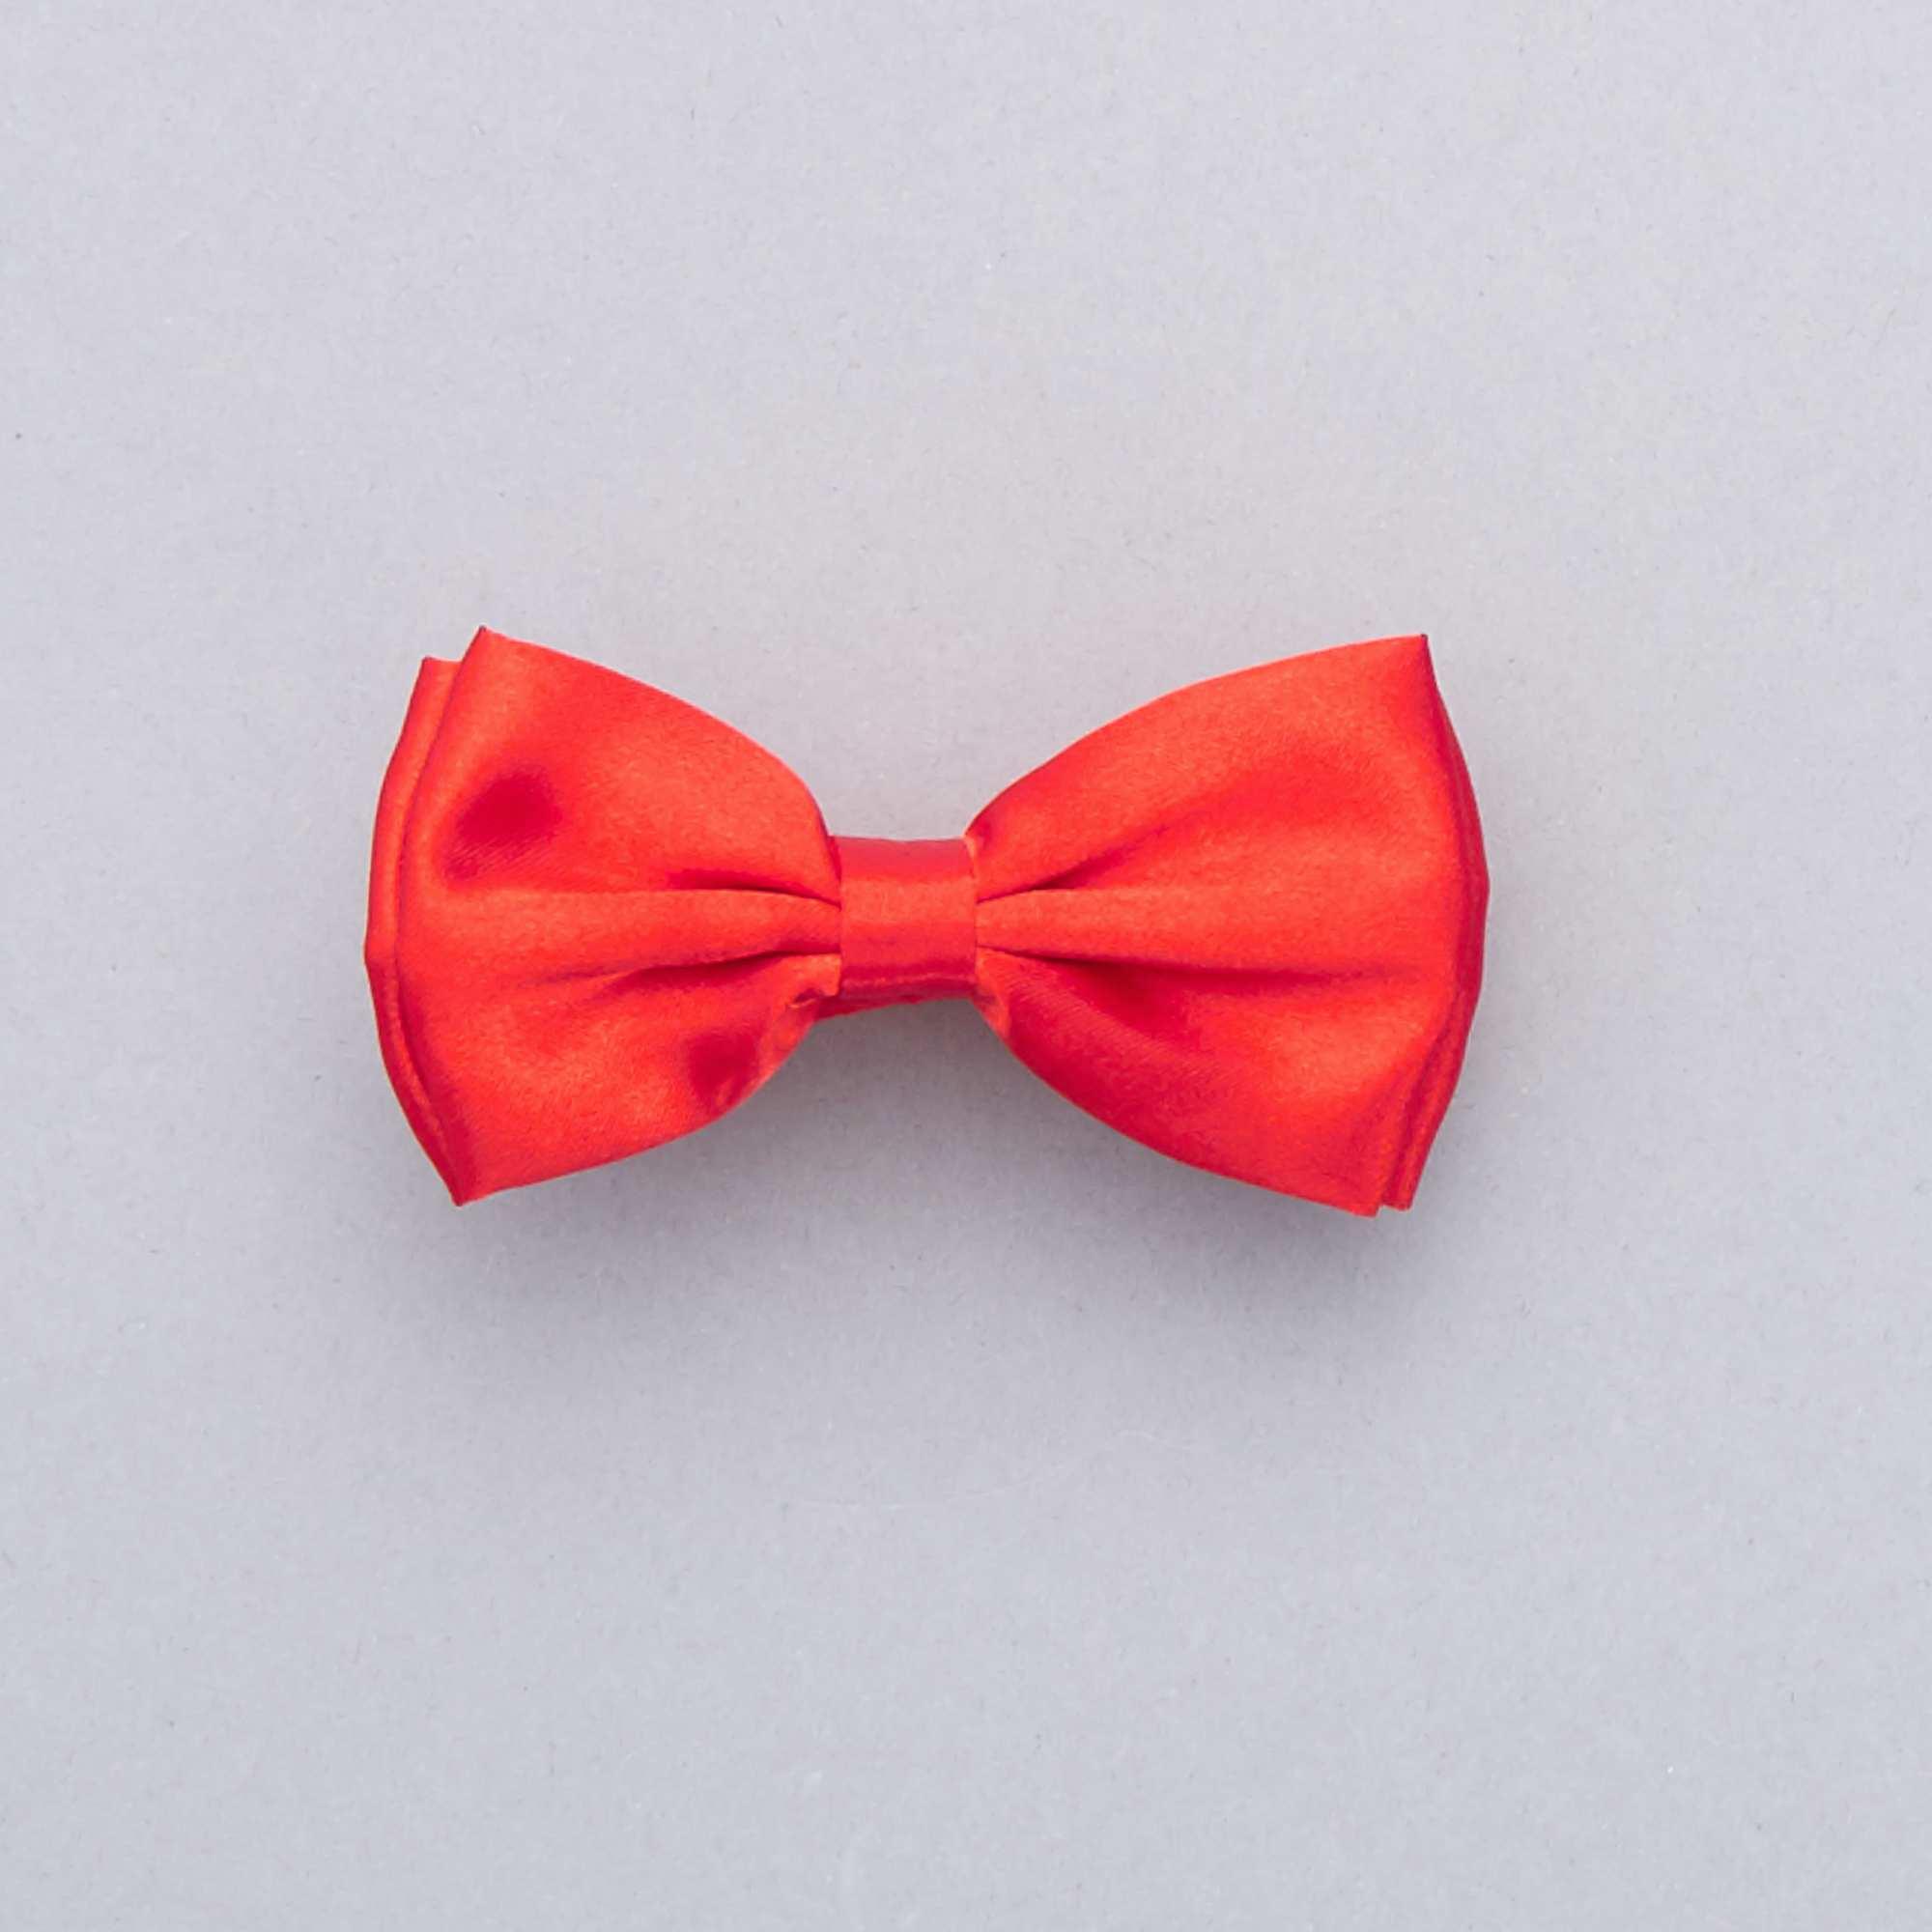 27be169968860 Noeud papillon satin Accessoires - rouge - Kiabi - 1,50€